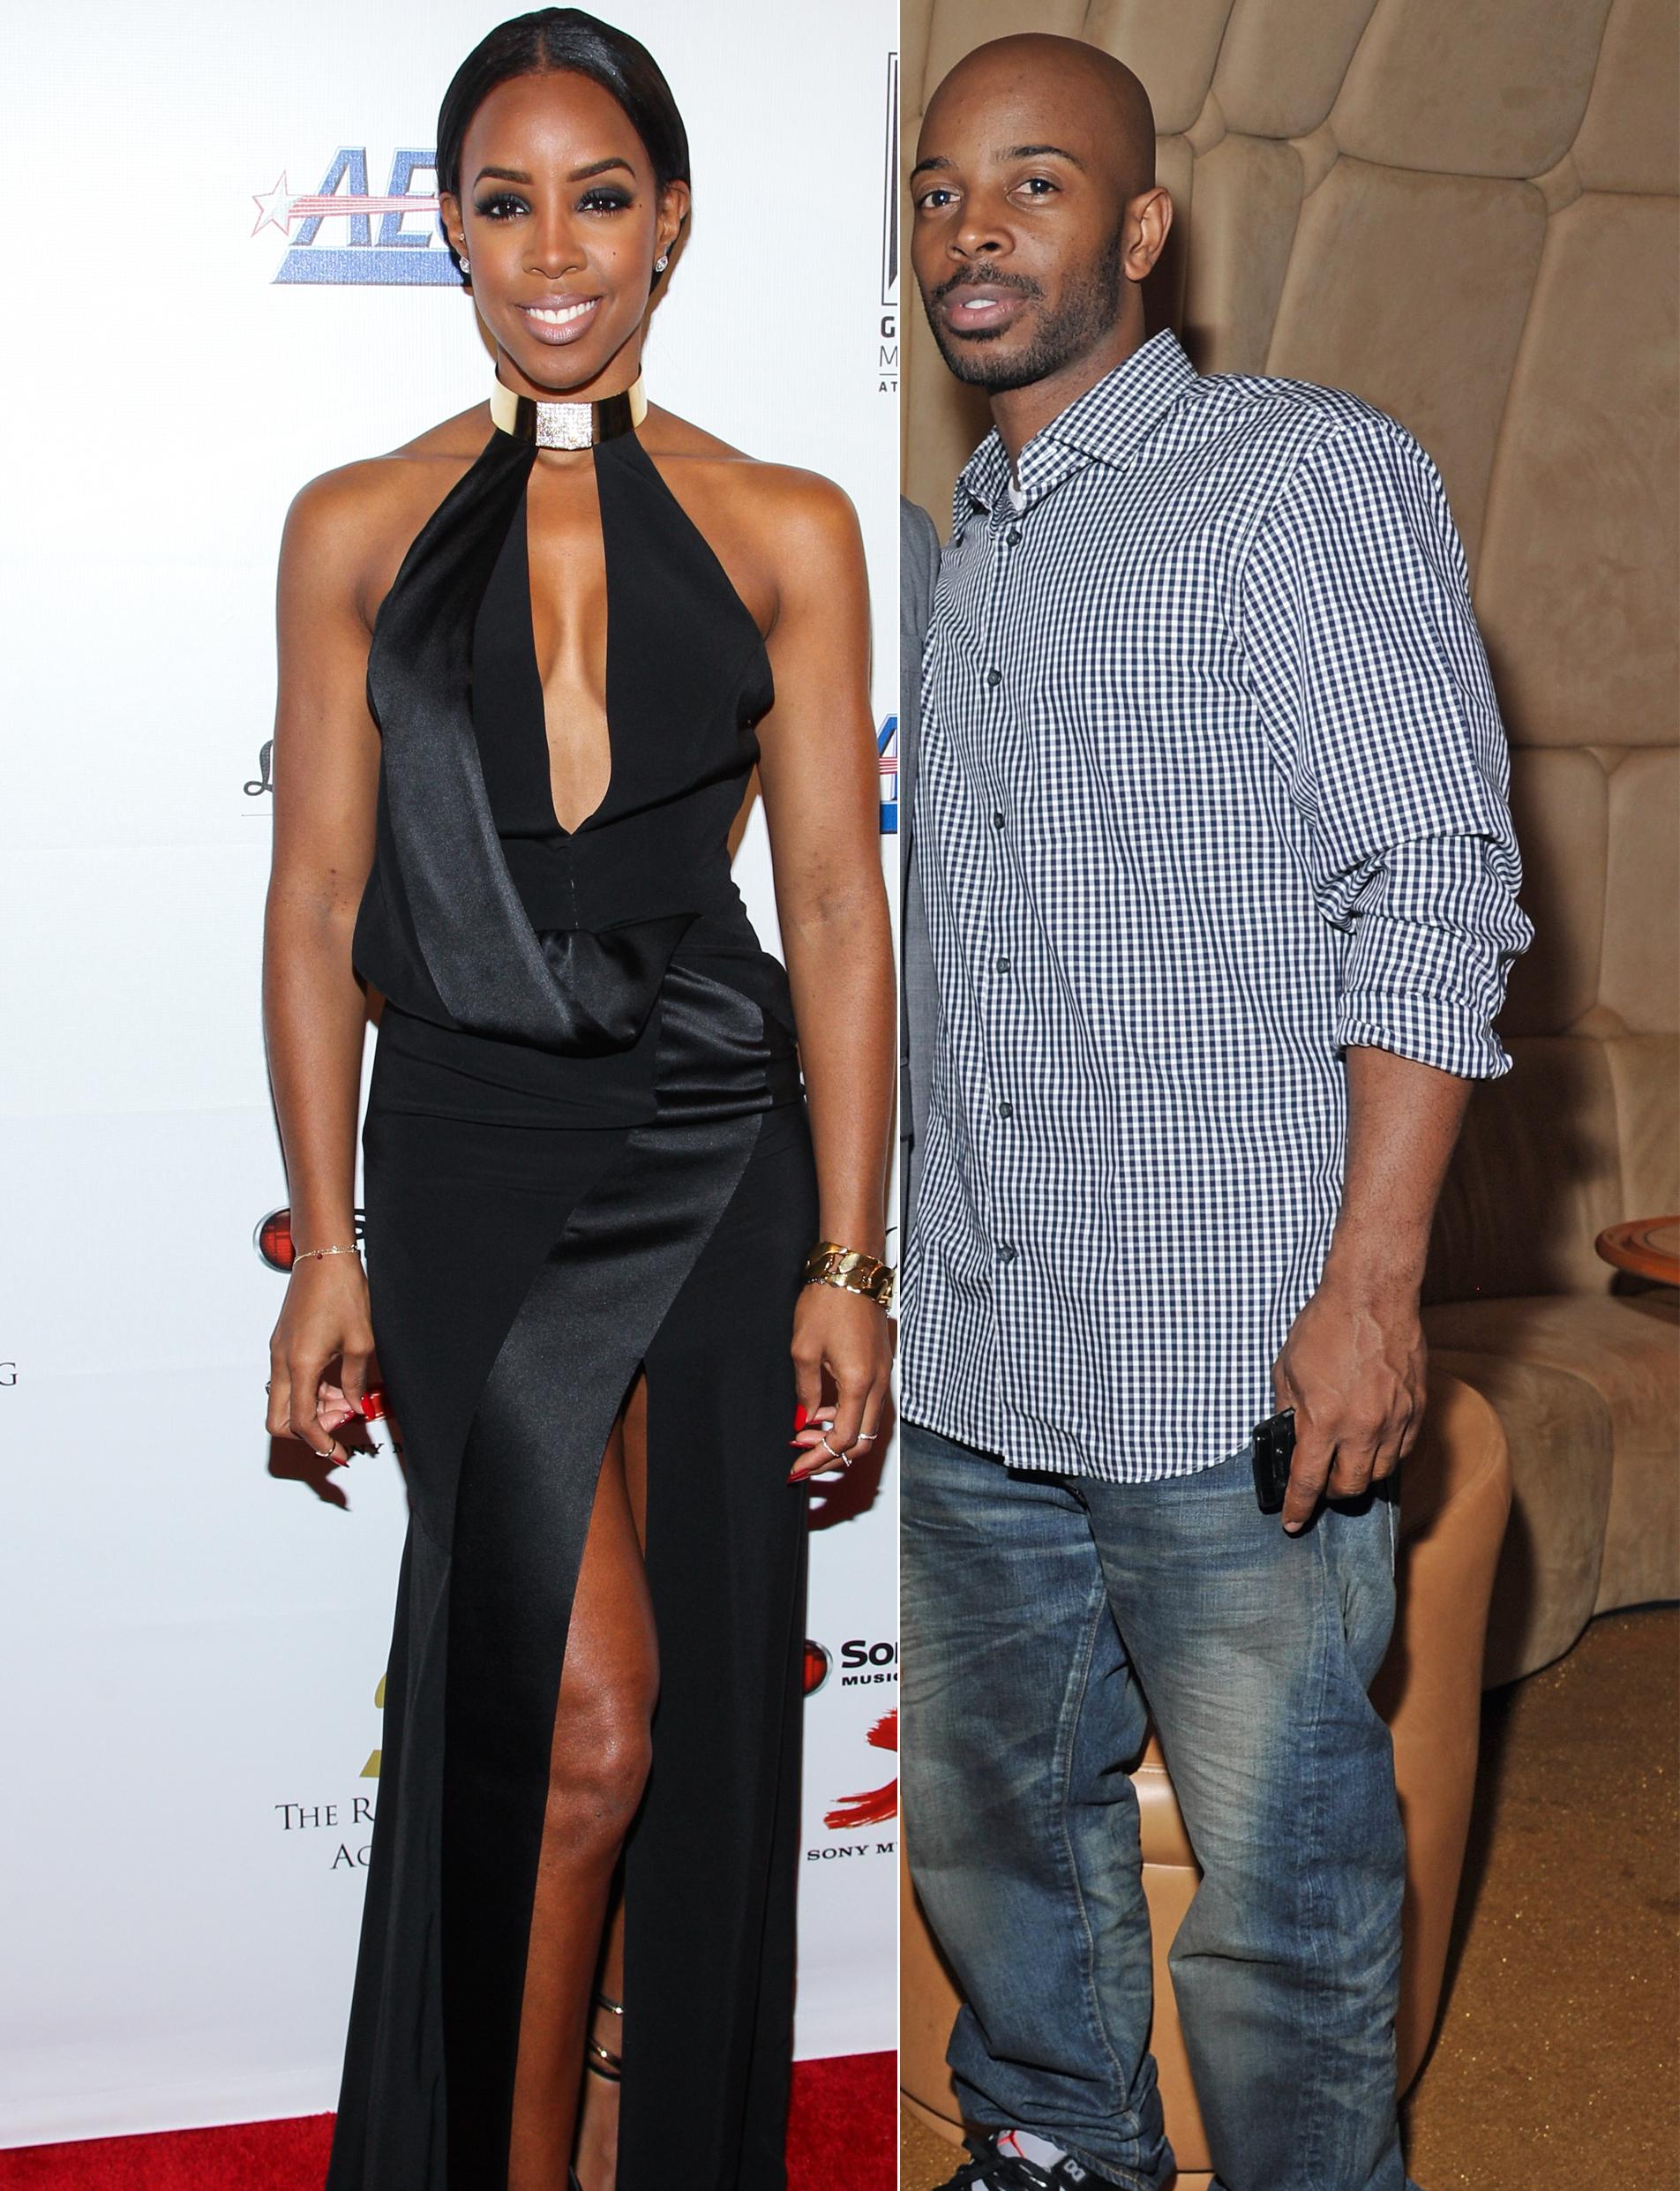 Kelly Rowland engaged